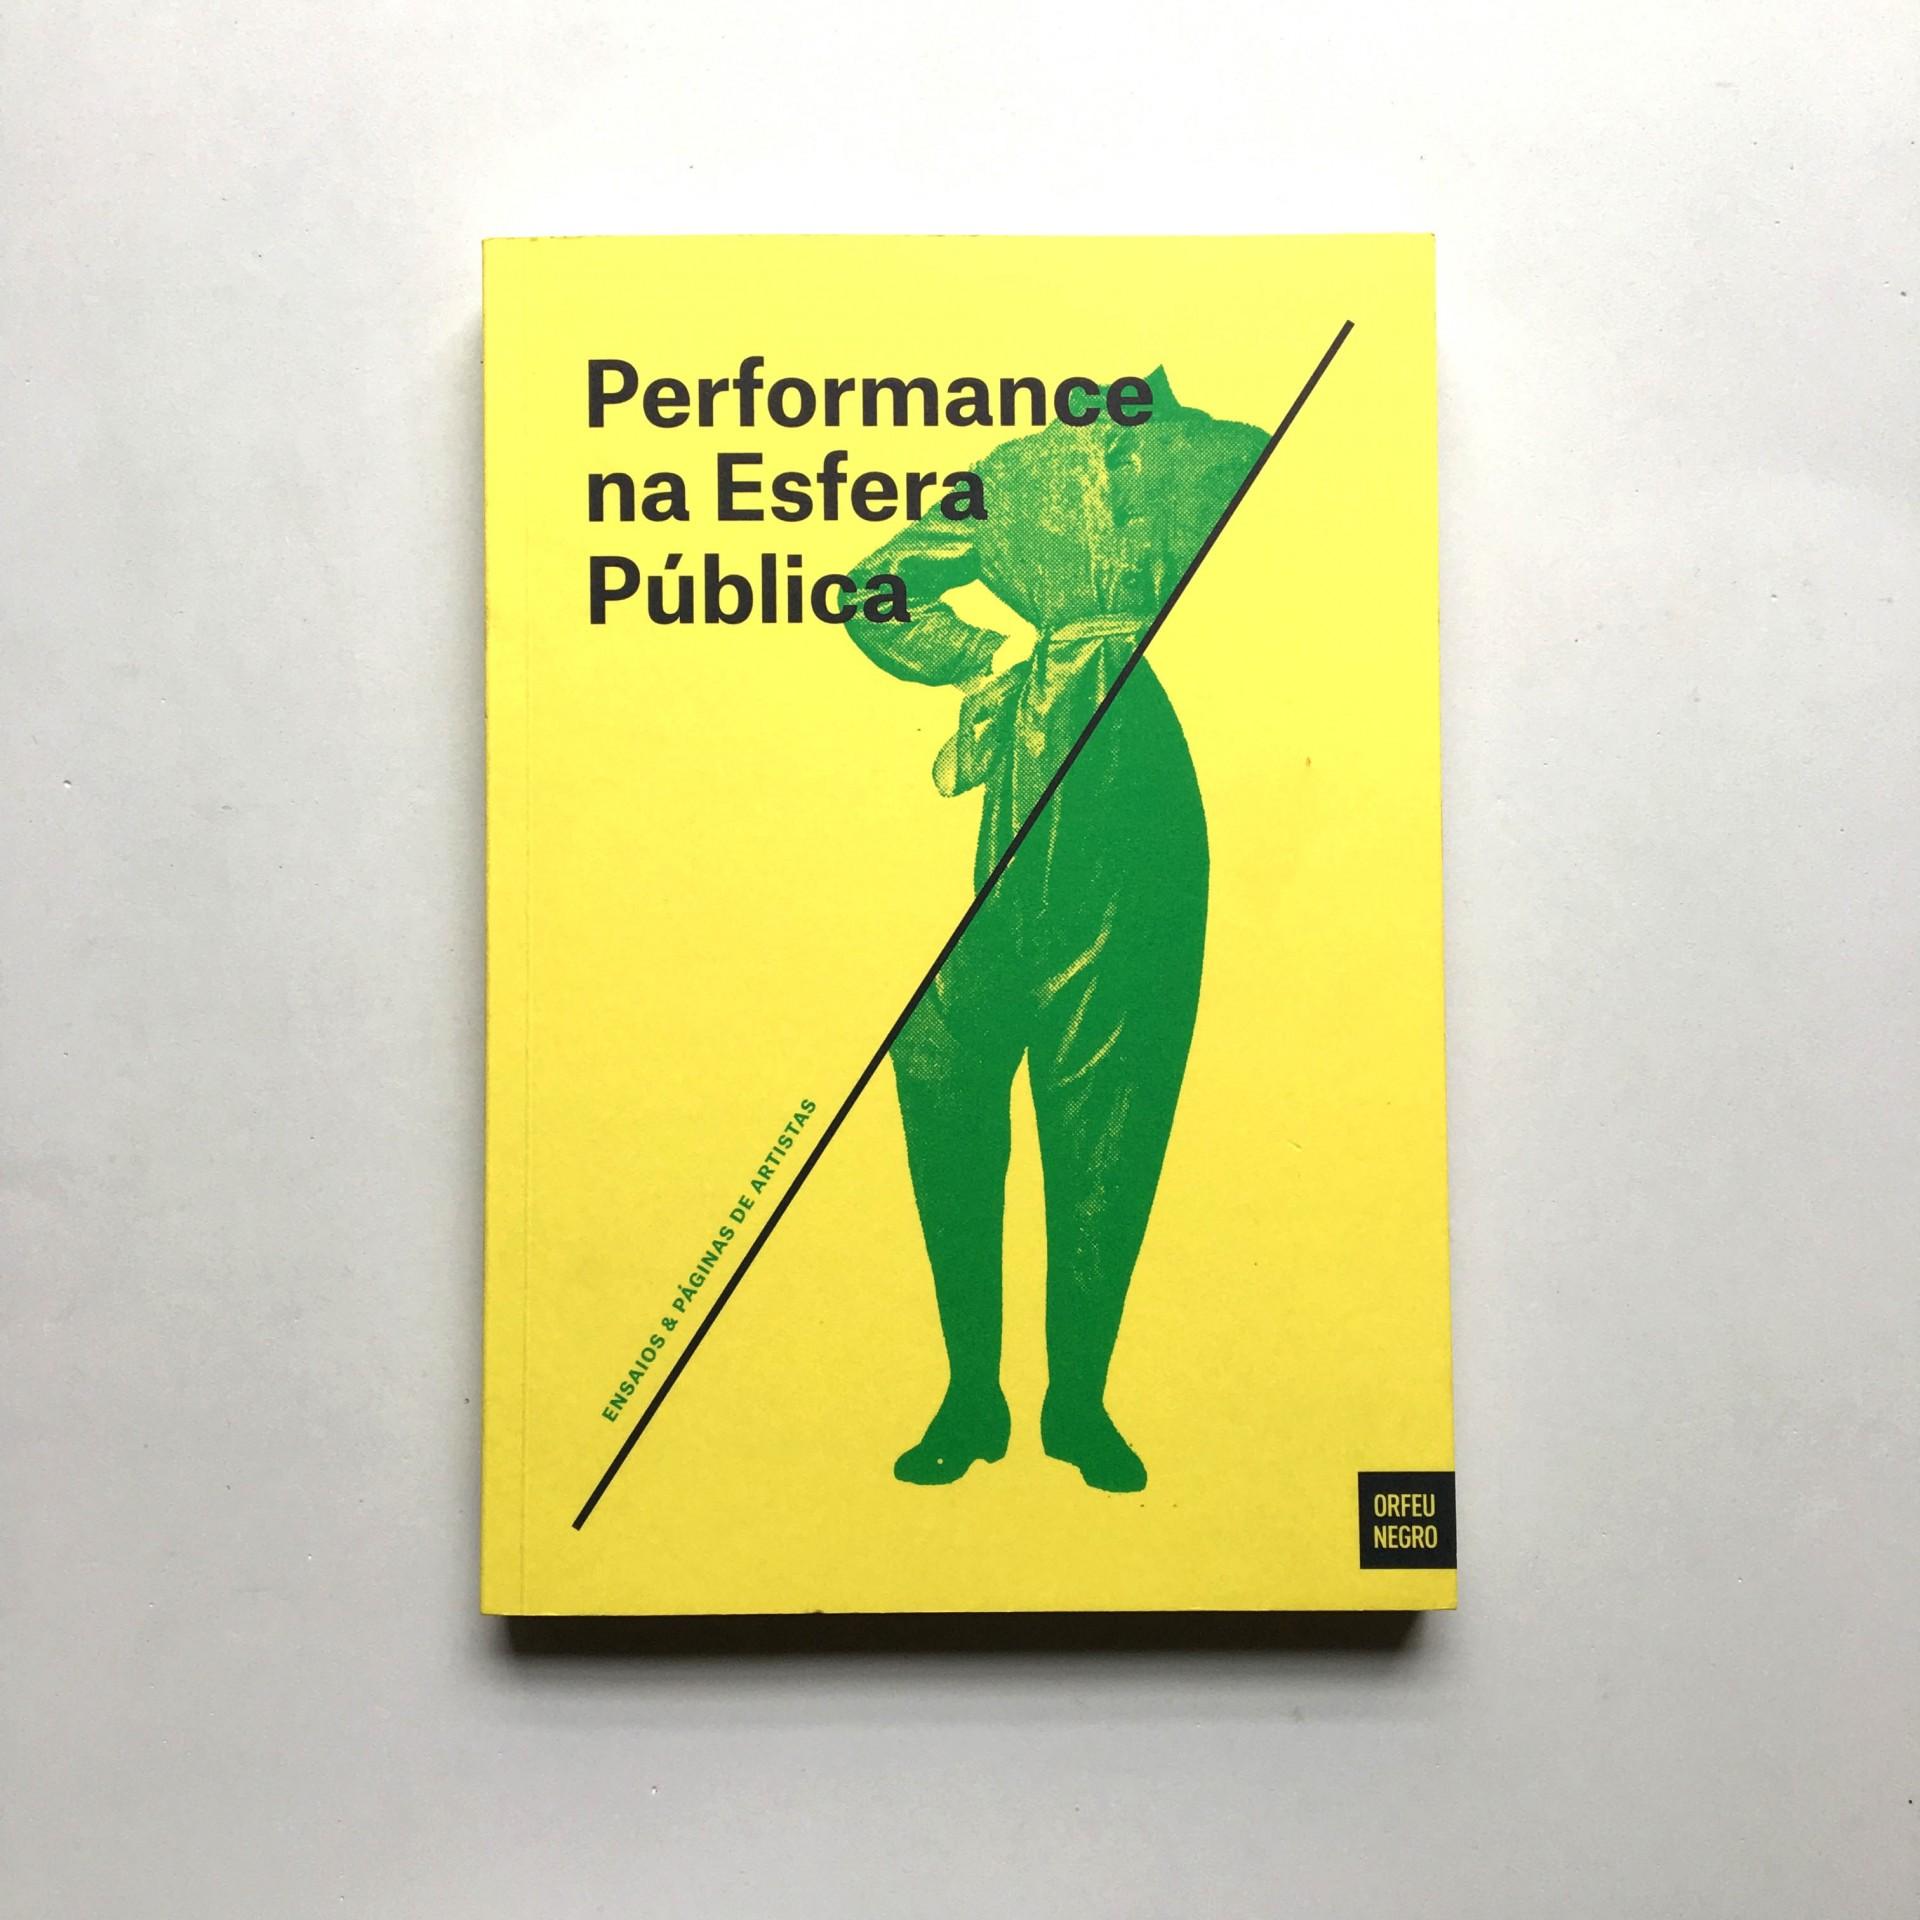 Performance na Esfera Pública